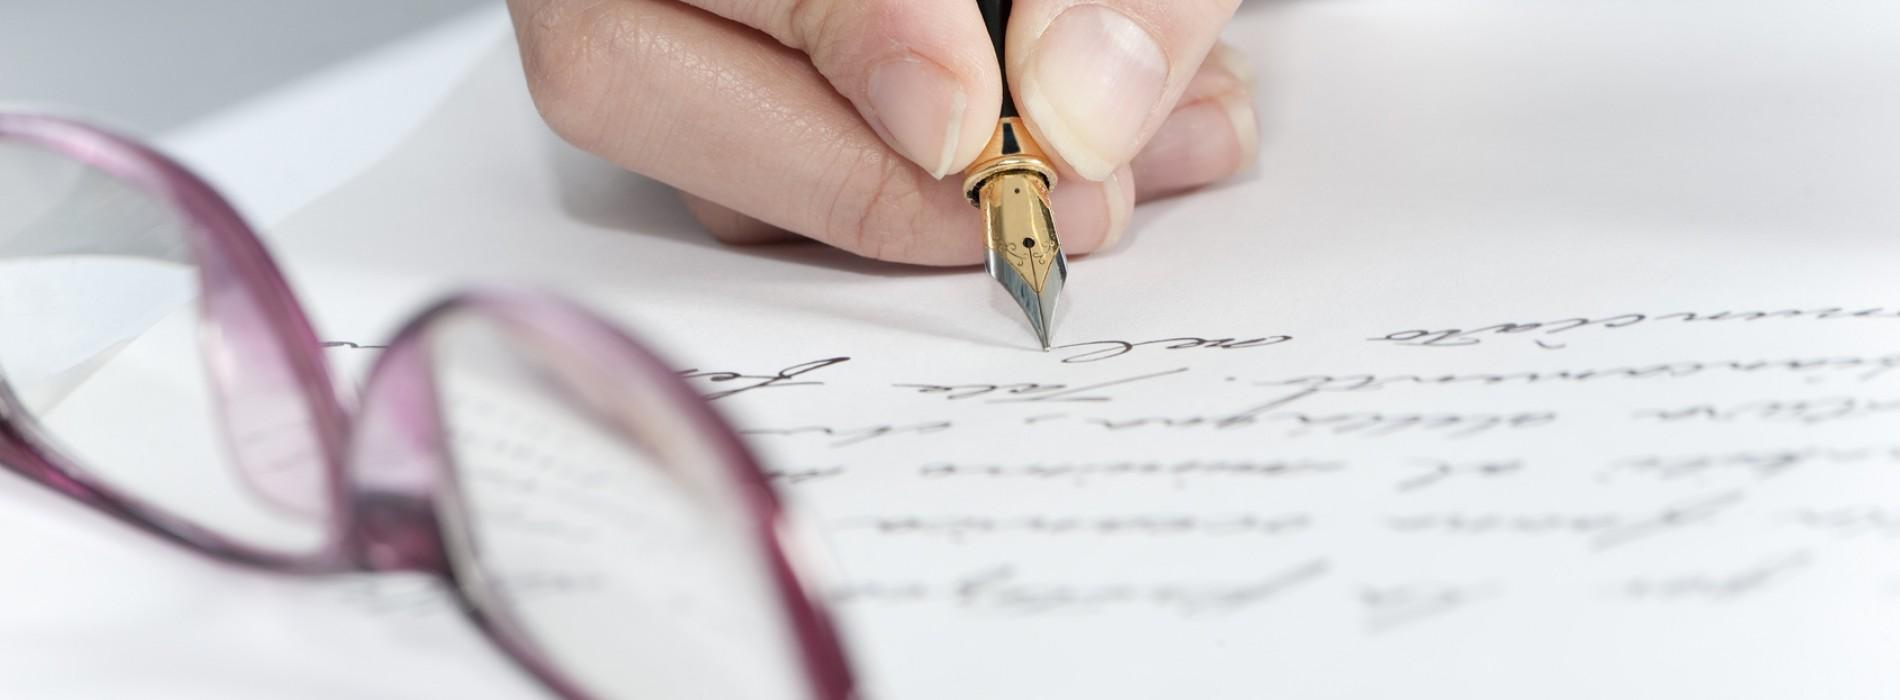 Trudne tłumaczenia prawne, jak zadbać o ich jakość?